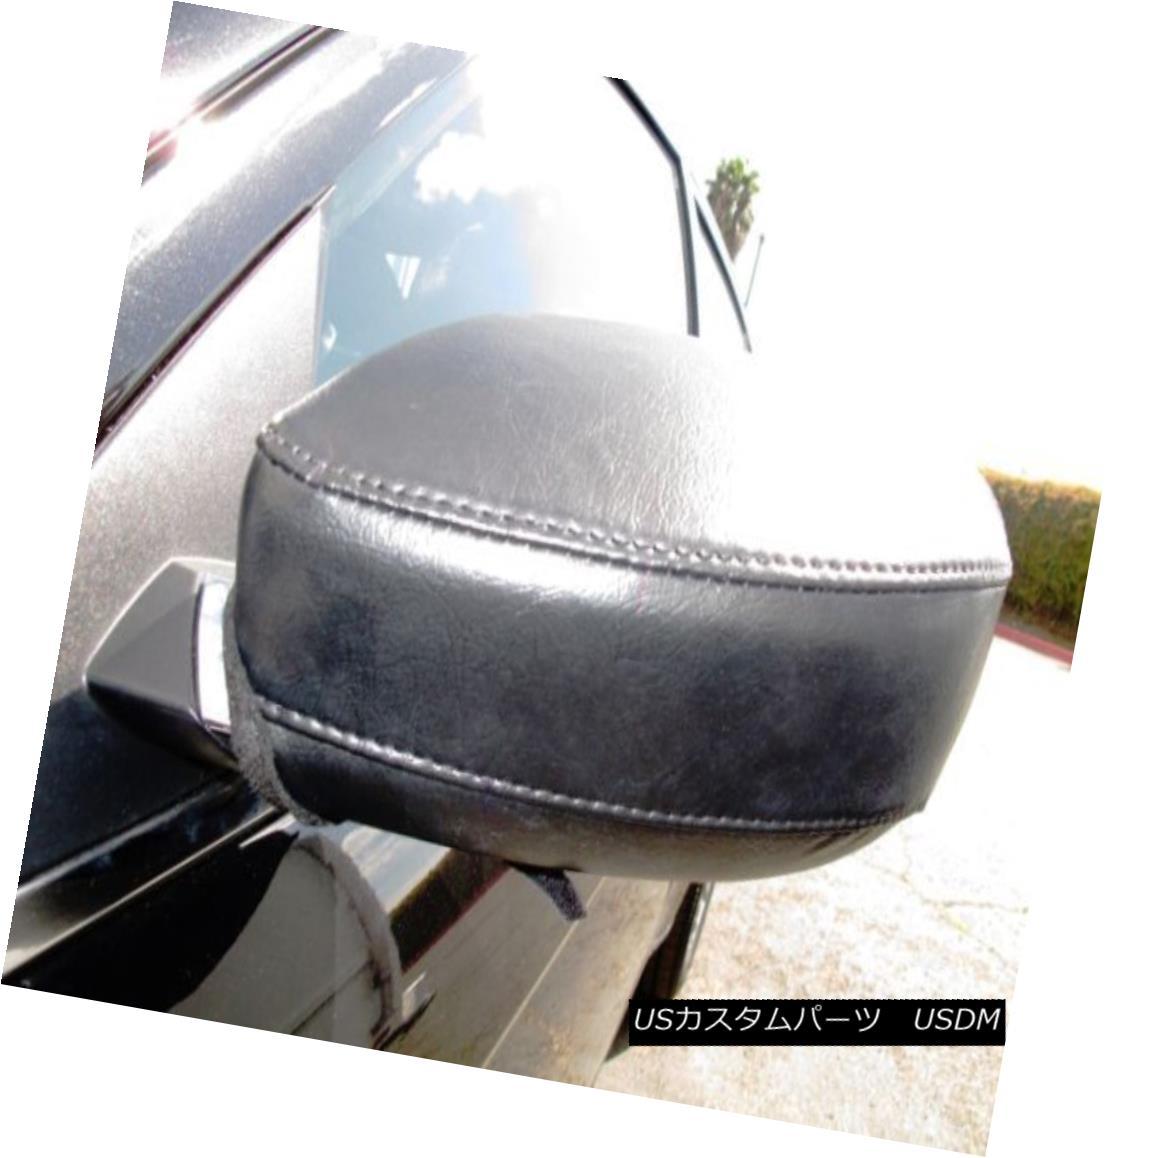 フルブラ ノーズブラ Colgan Car Mirror Covers Bra Protector Black Fits 2011-2013 CHRYSLER 200 Sedan コルガン車用ミラーカバー、ブラプロテクターブラックフィット2011-2013 CHRYSLER 200セダン